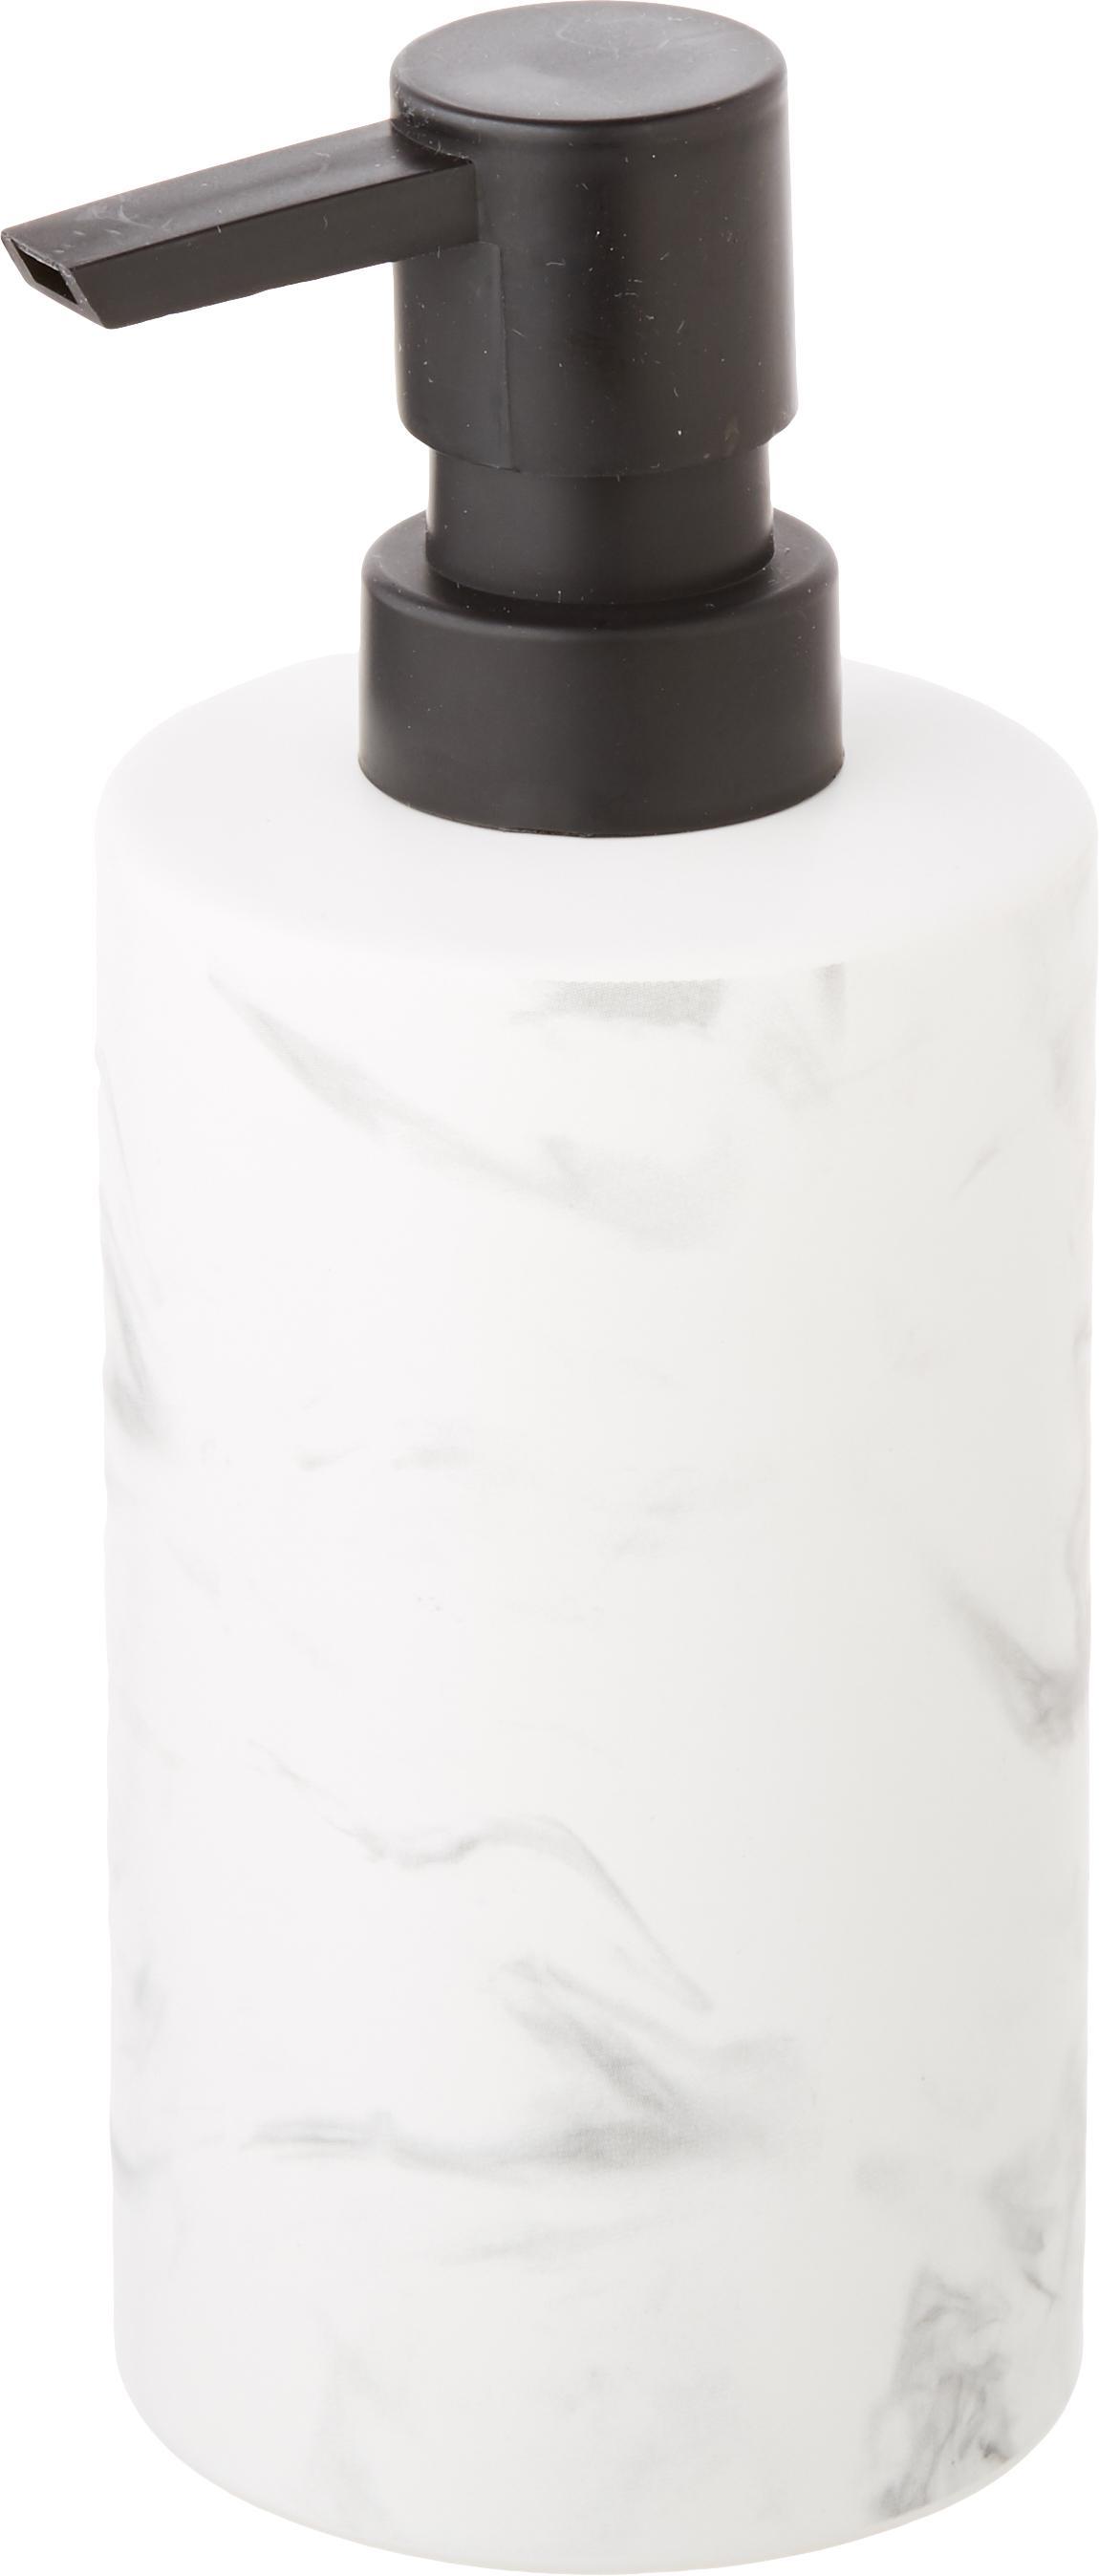 Dozownik do mydła z ceramiki Daro, Biały, czarny, Ø 7 x W 18 cm